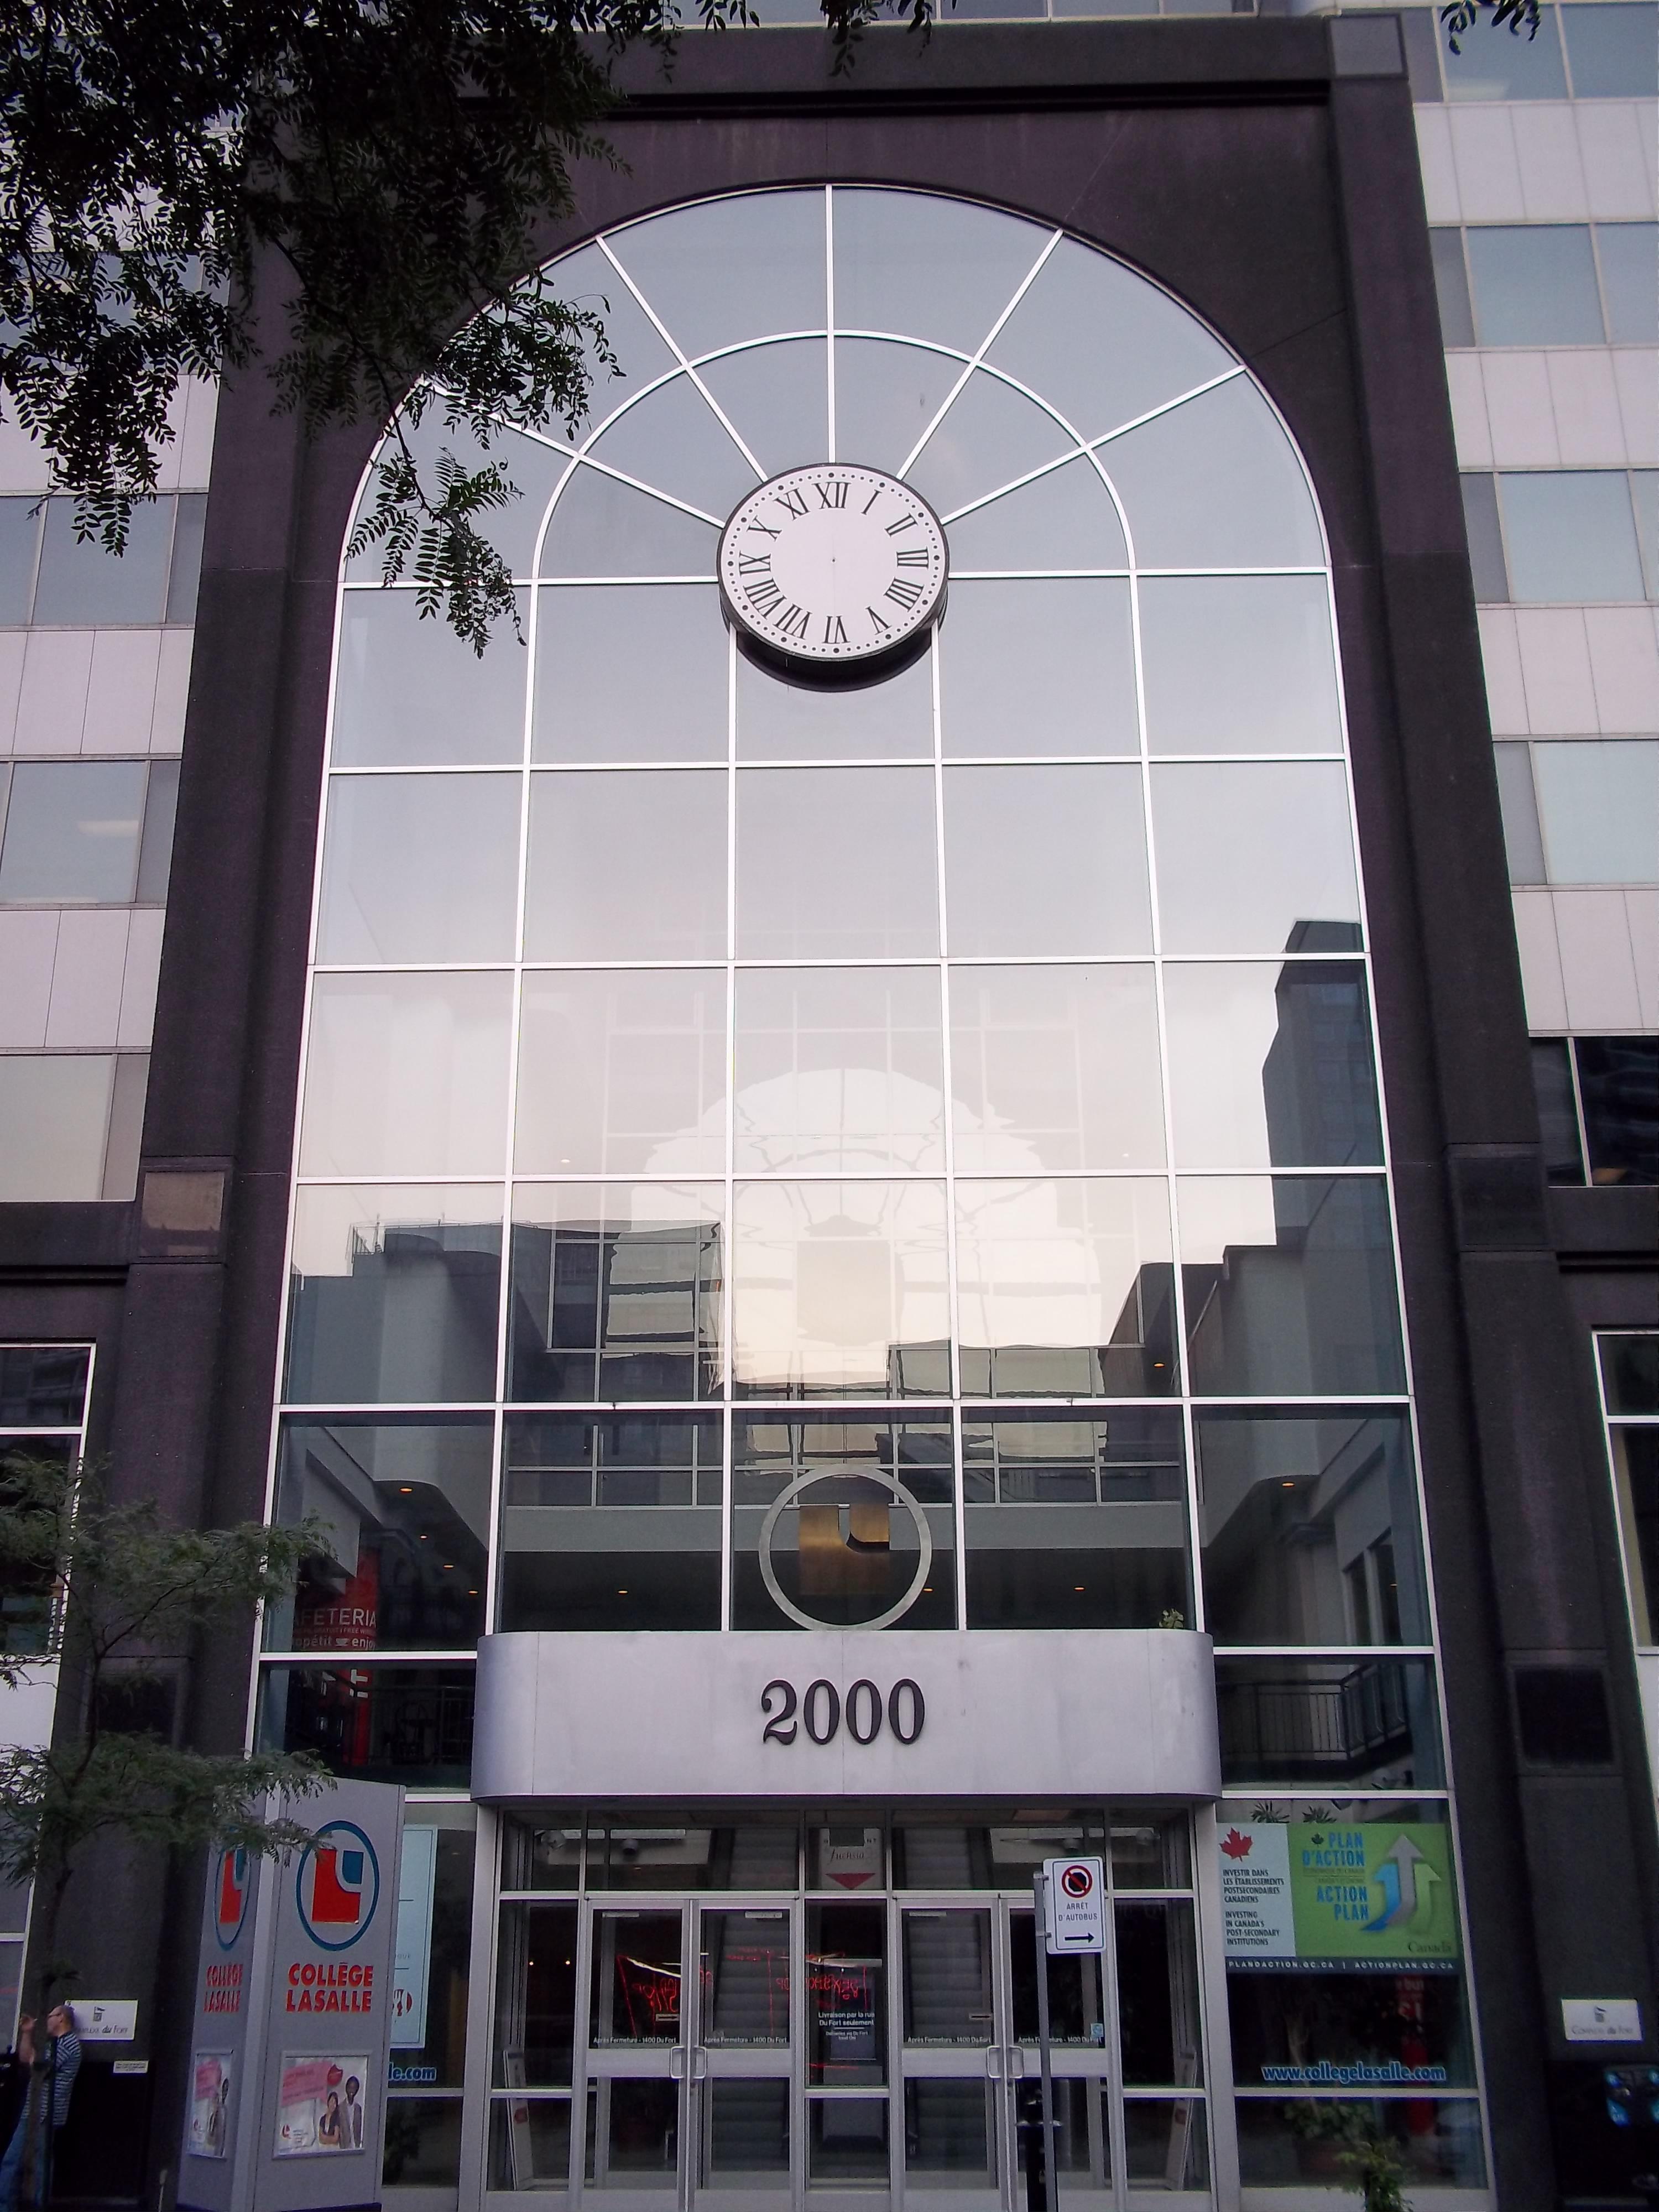 College Lasalle Wikipedia